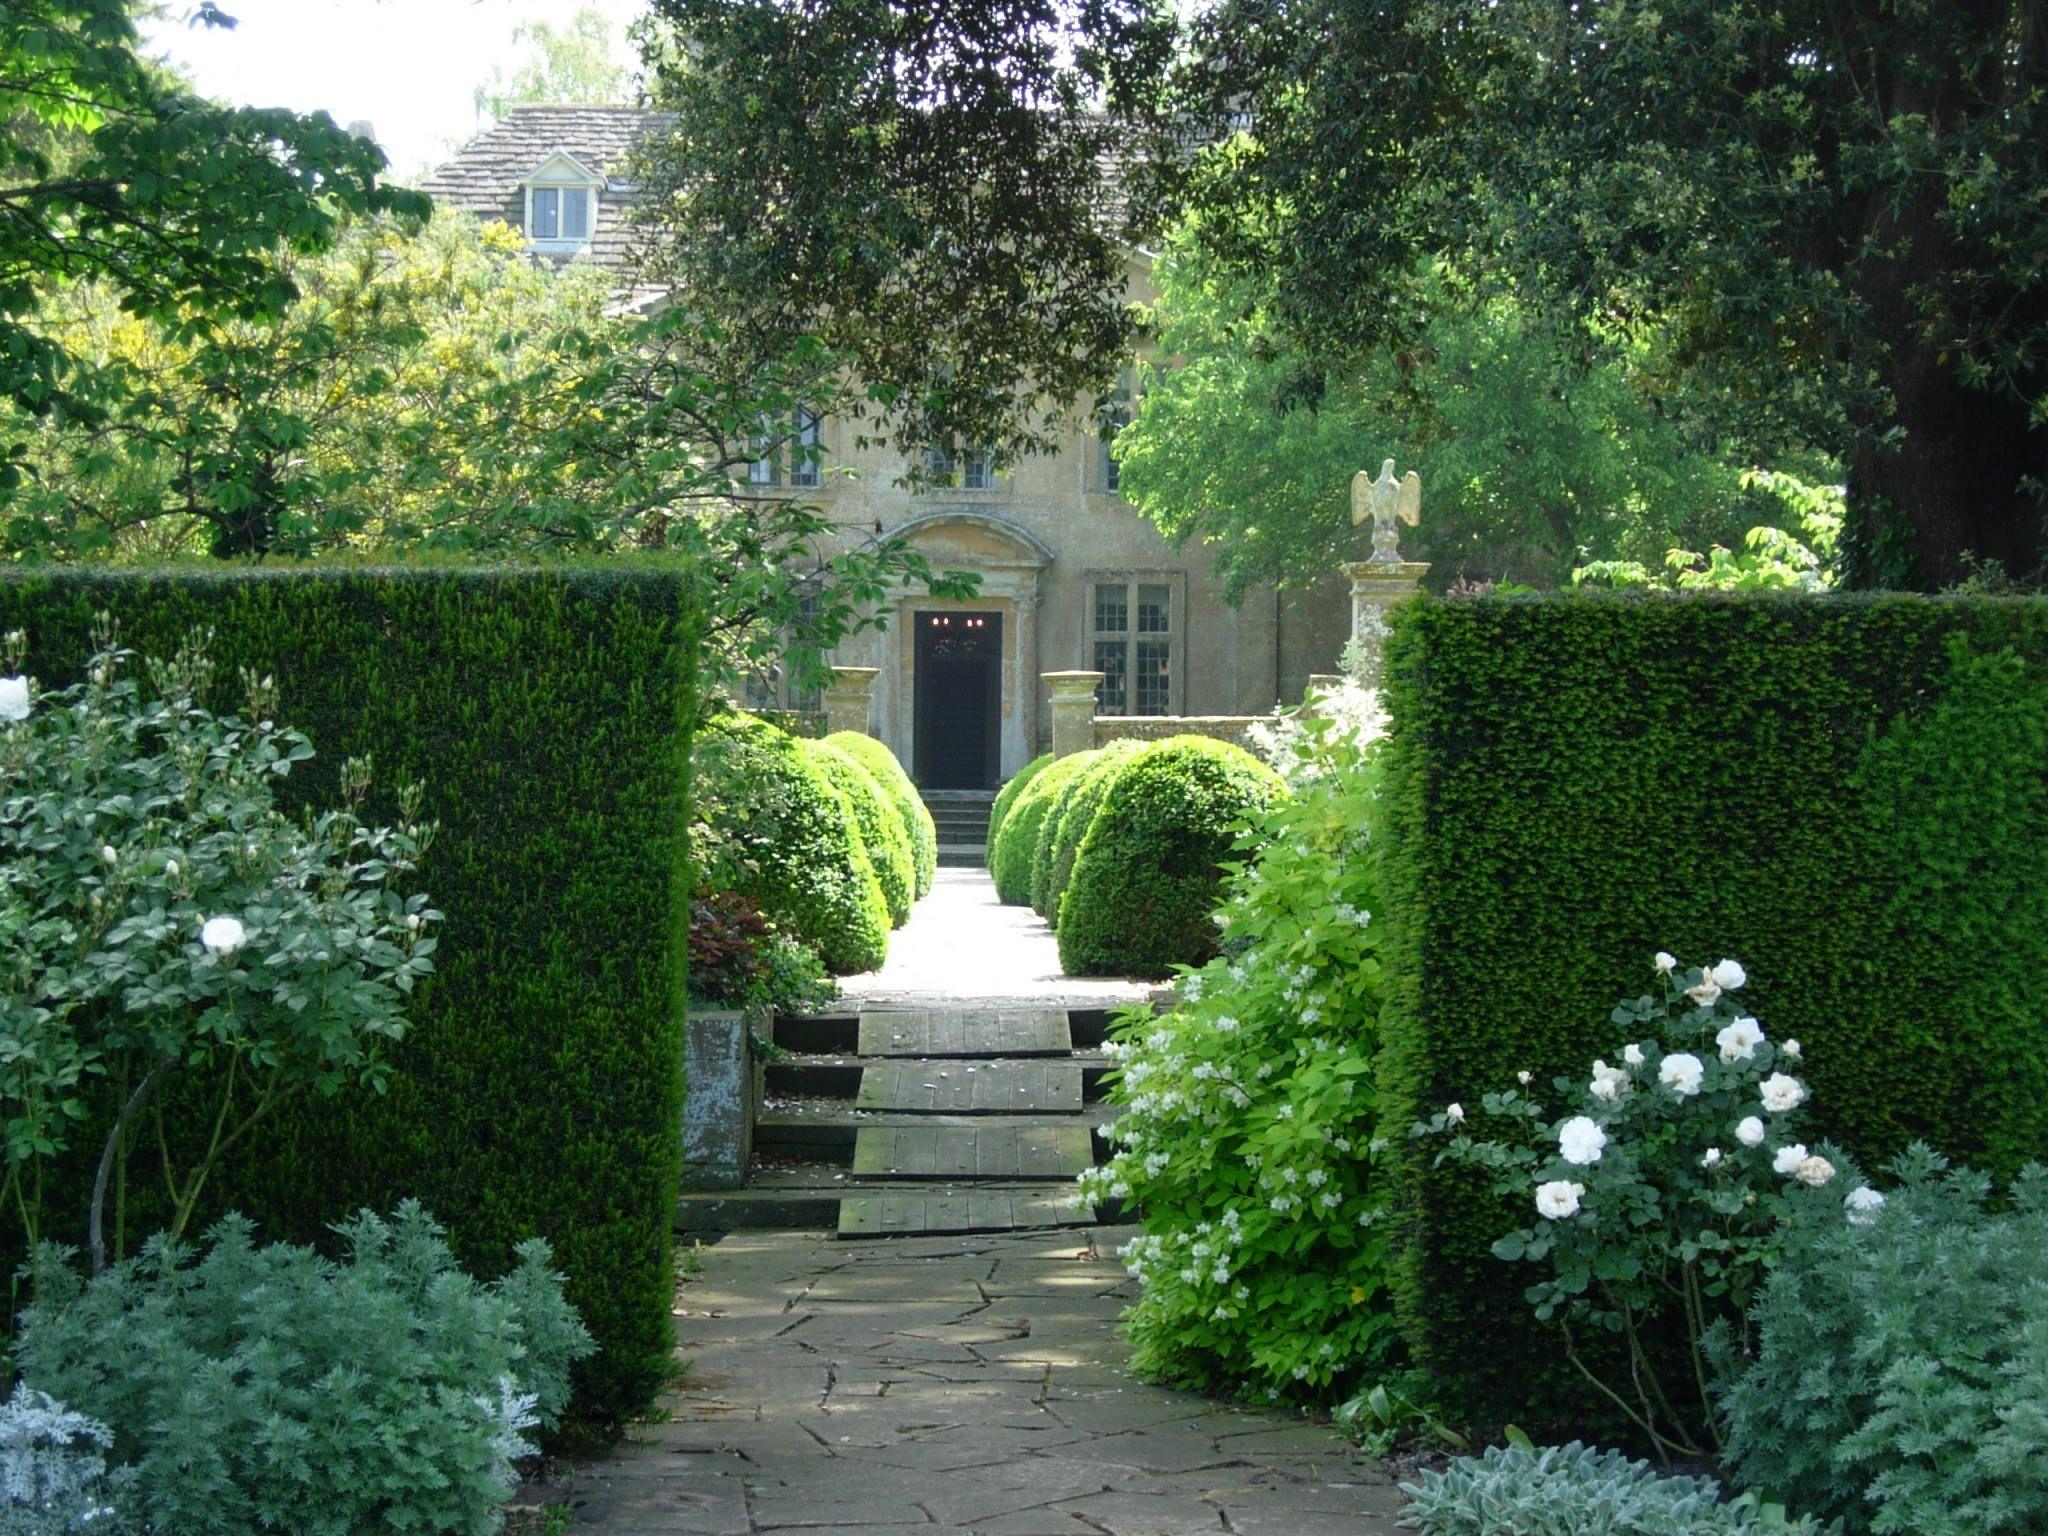 Tintinhull Garden Near Yeovil Somerset The Arts And Crafts Style Garden Was Originally Laid Out B English Garden Design Garden Landscape Design Dream Garden